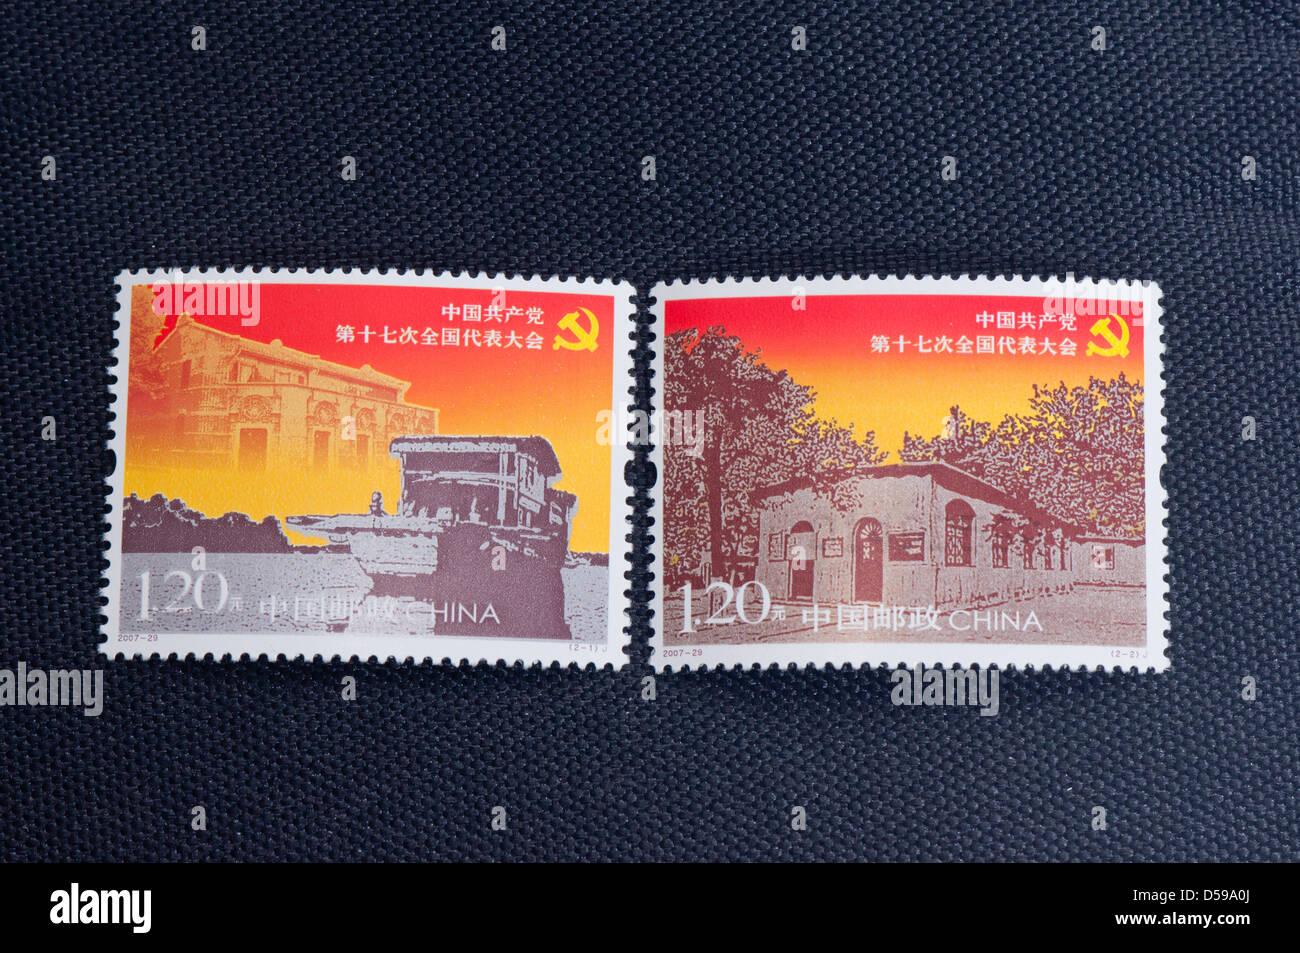 Briefmarke China - 17. Nationalkongress der kommunistischen Partei Chinas Stockfoto